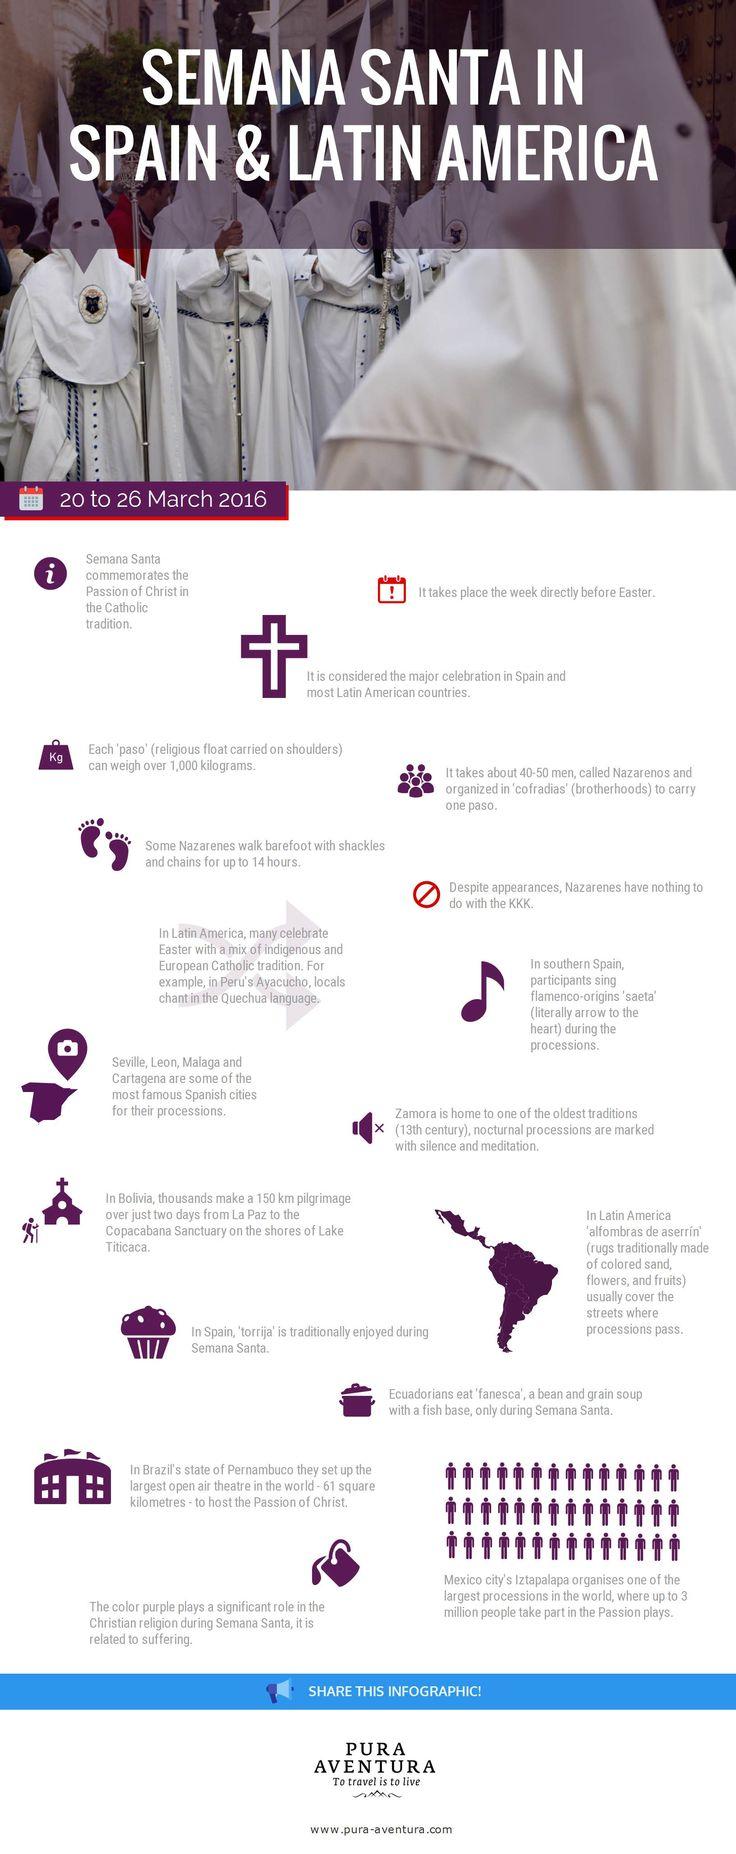 18 Facts about Semana Santa